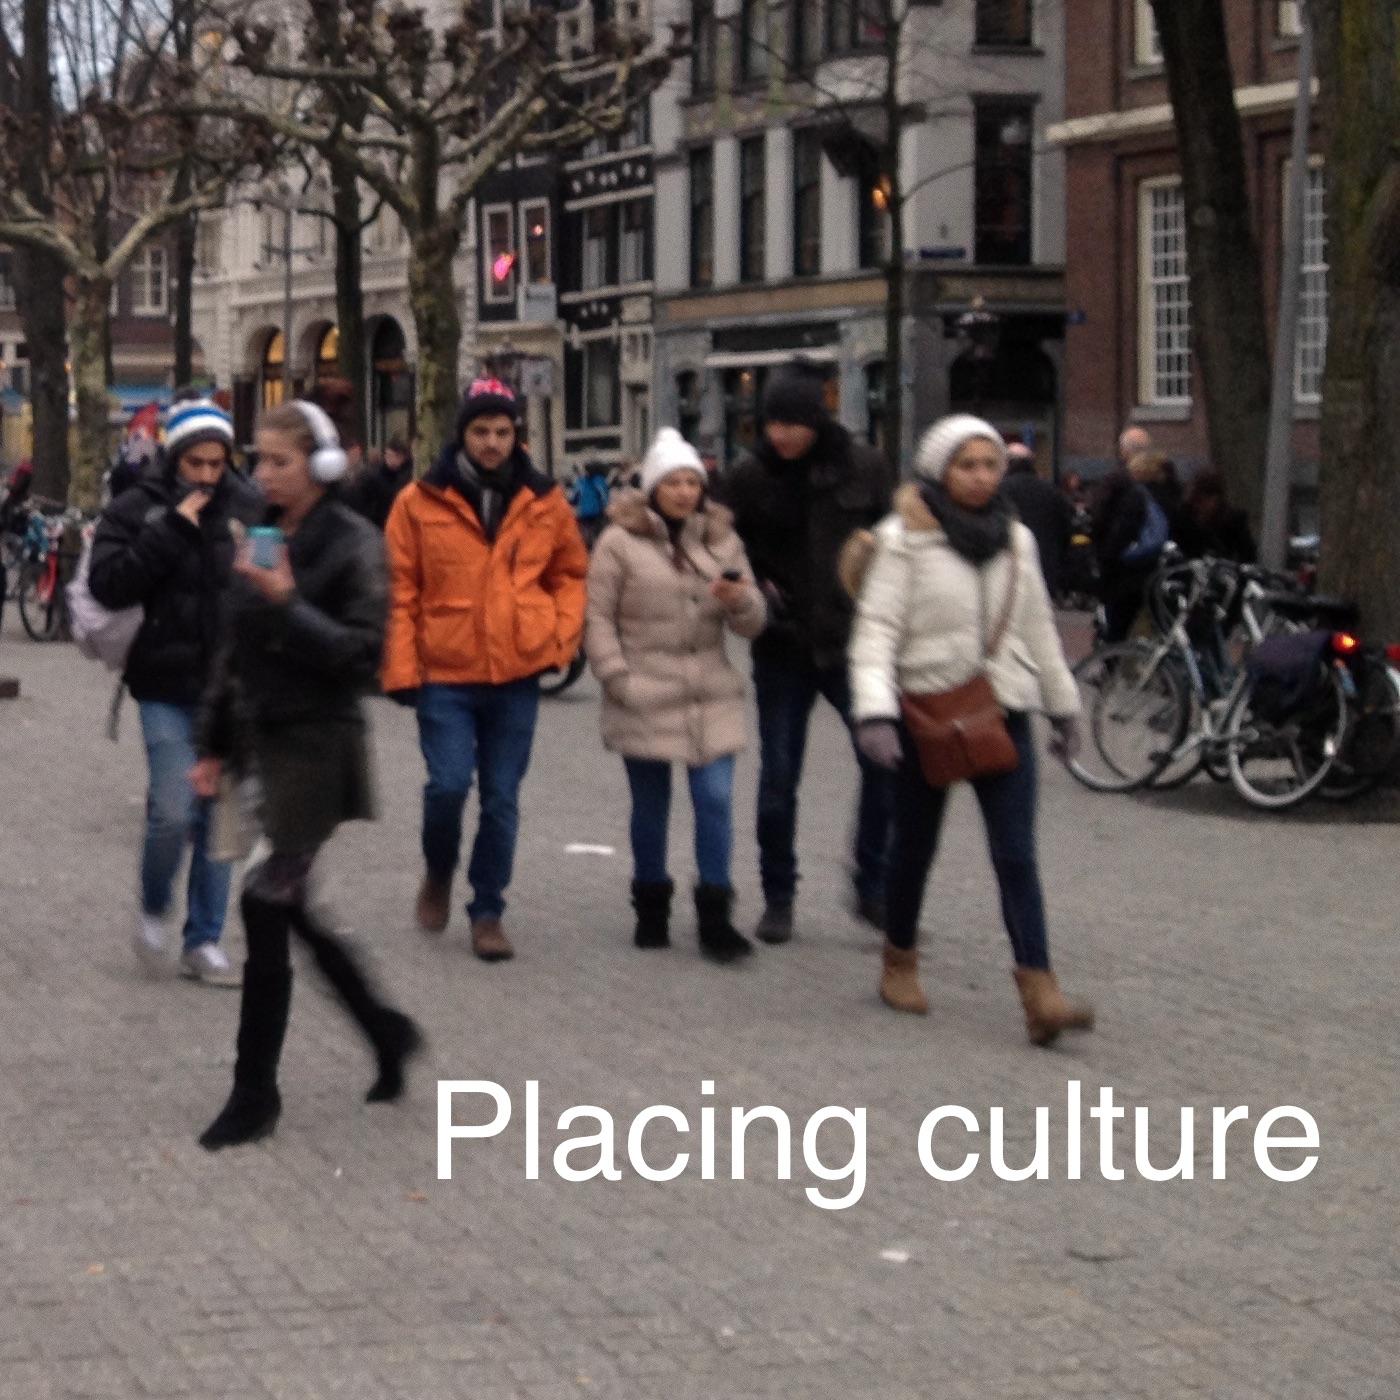 Placing Culture